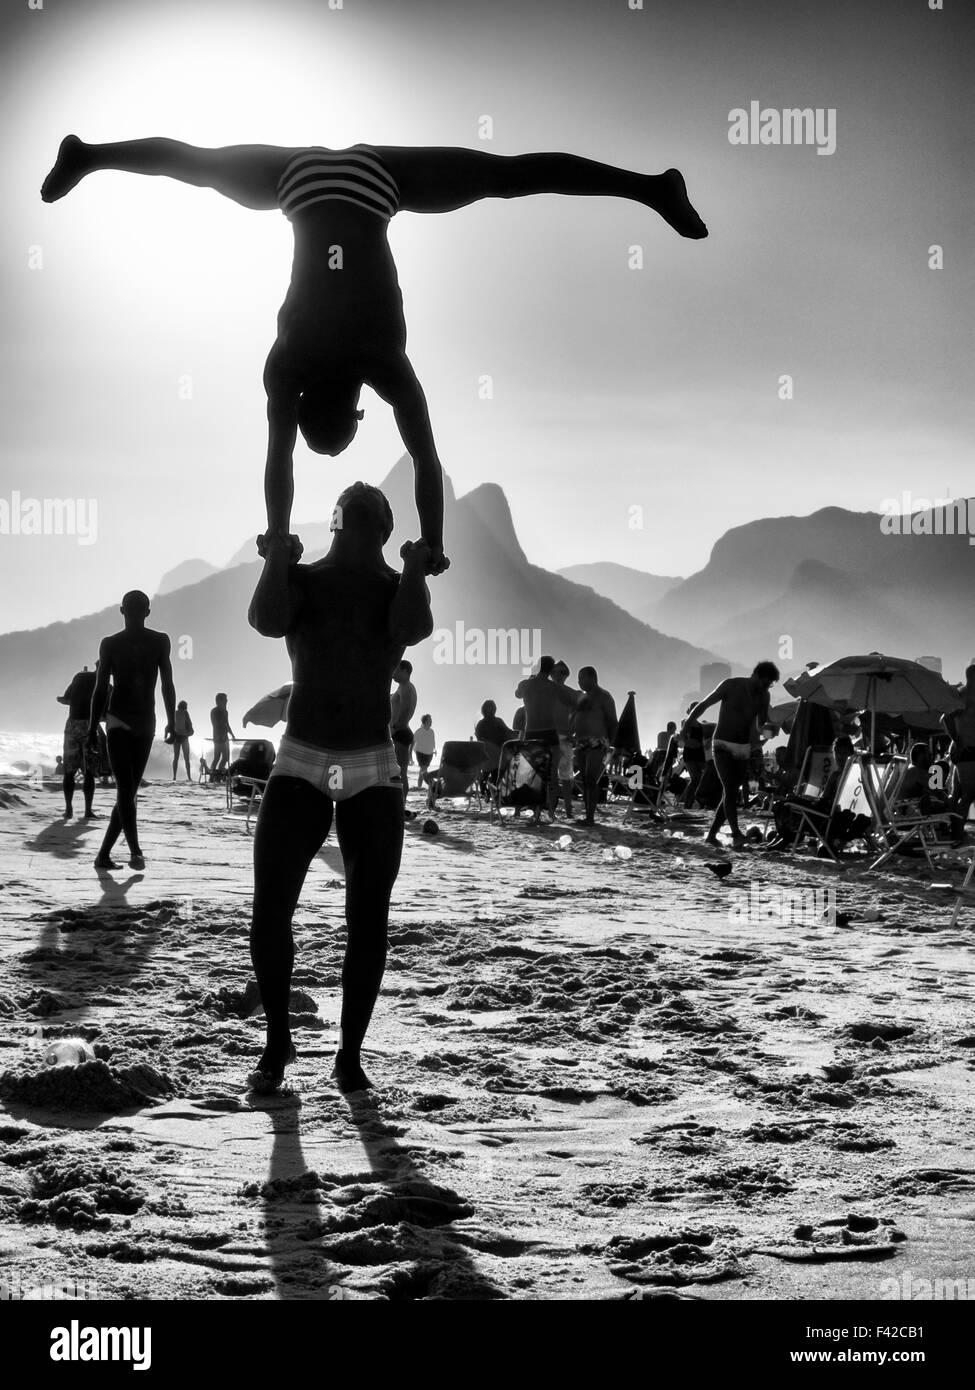 Sagome rendendo funambolico pone di fronte ad un bianco e nero Sunset beach scena presso la spiaggia di Ipanema Immagini Stock